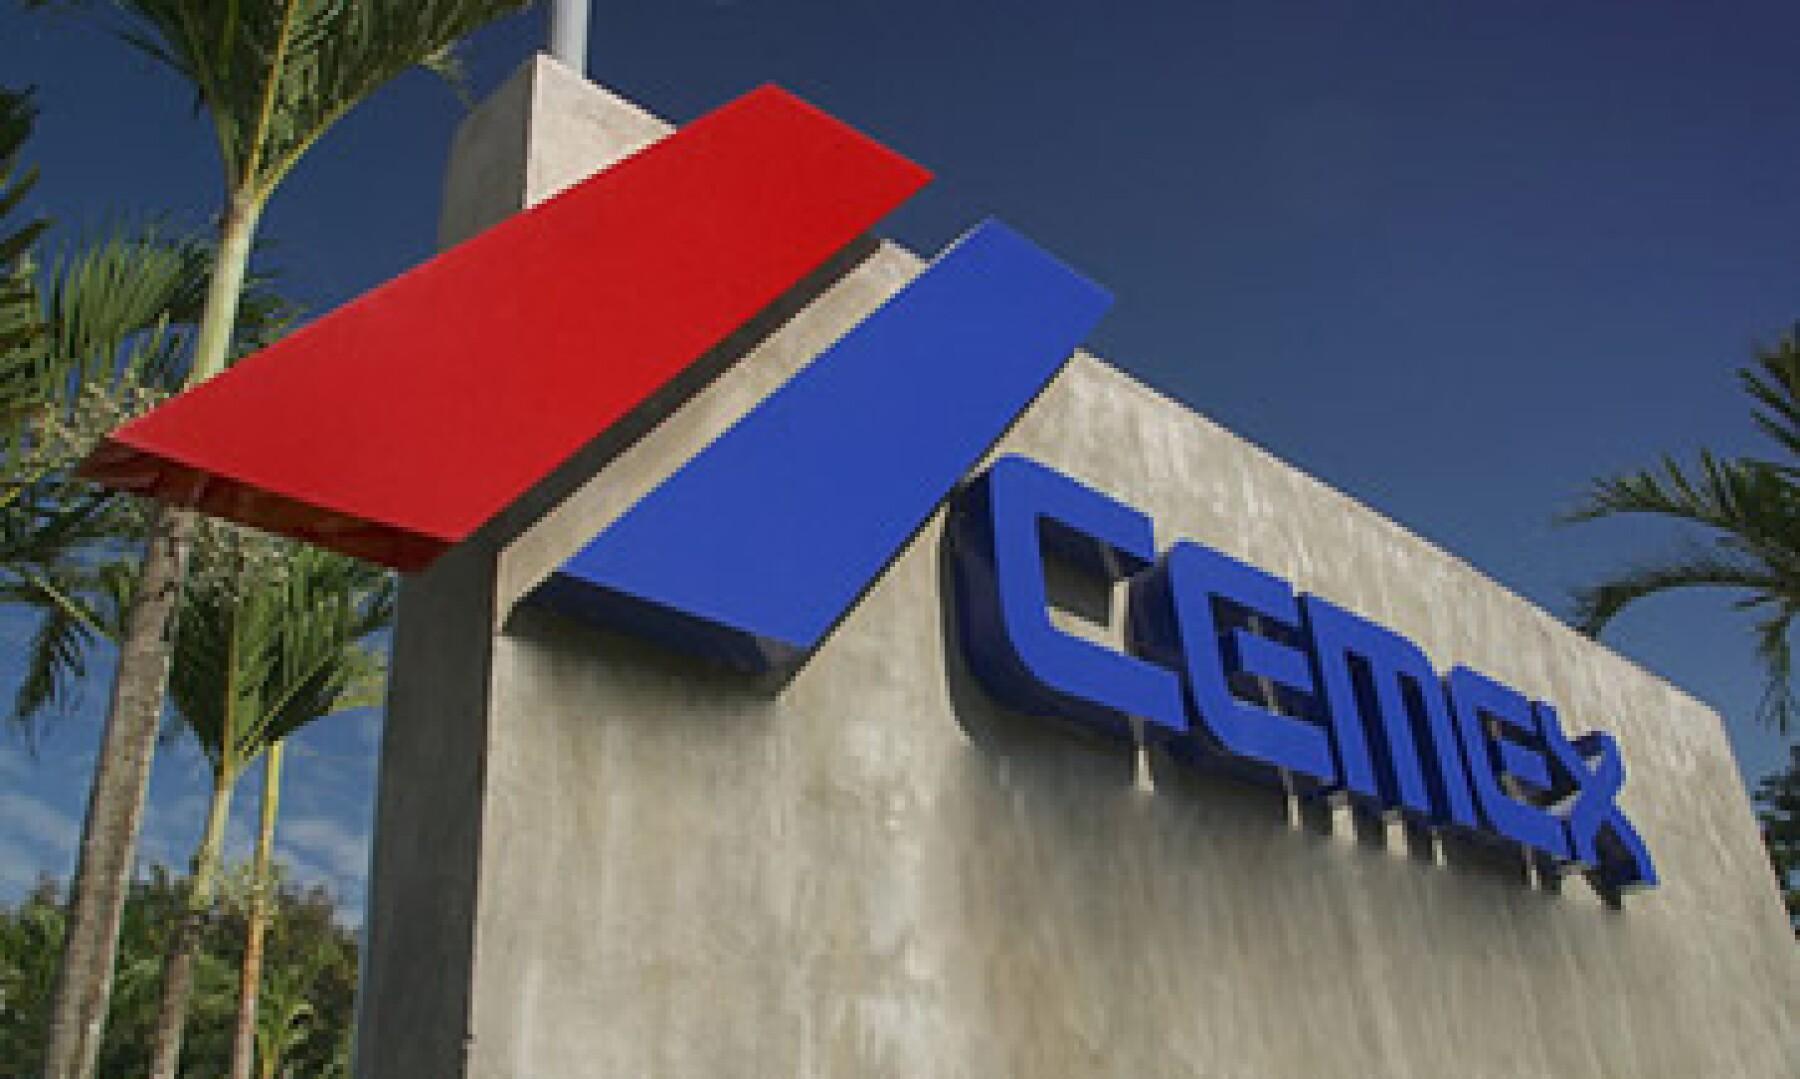 Cemex avanza en su lucha por salir a flote de la desaceleración económica global. (Foto tomada de cemex.com)